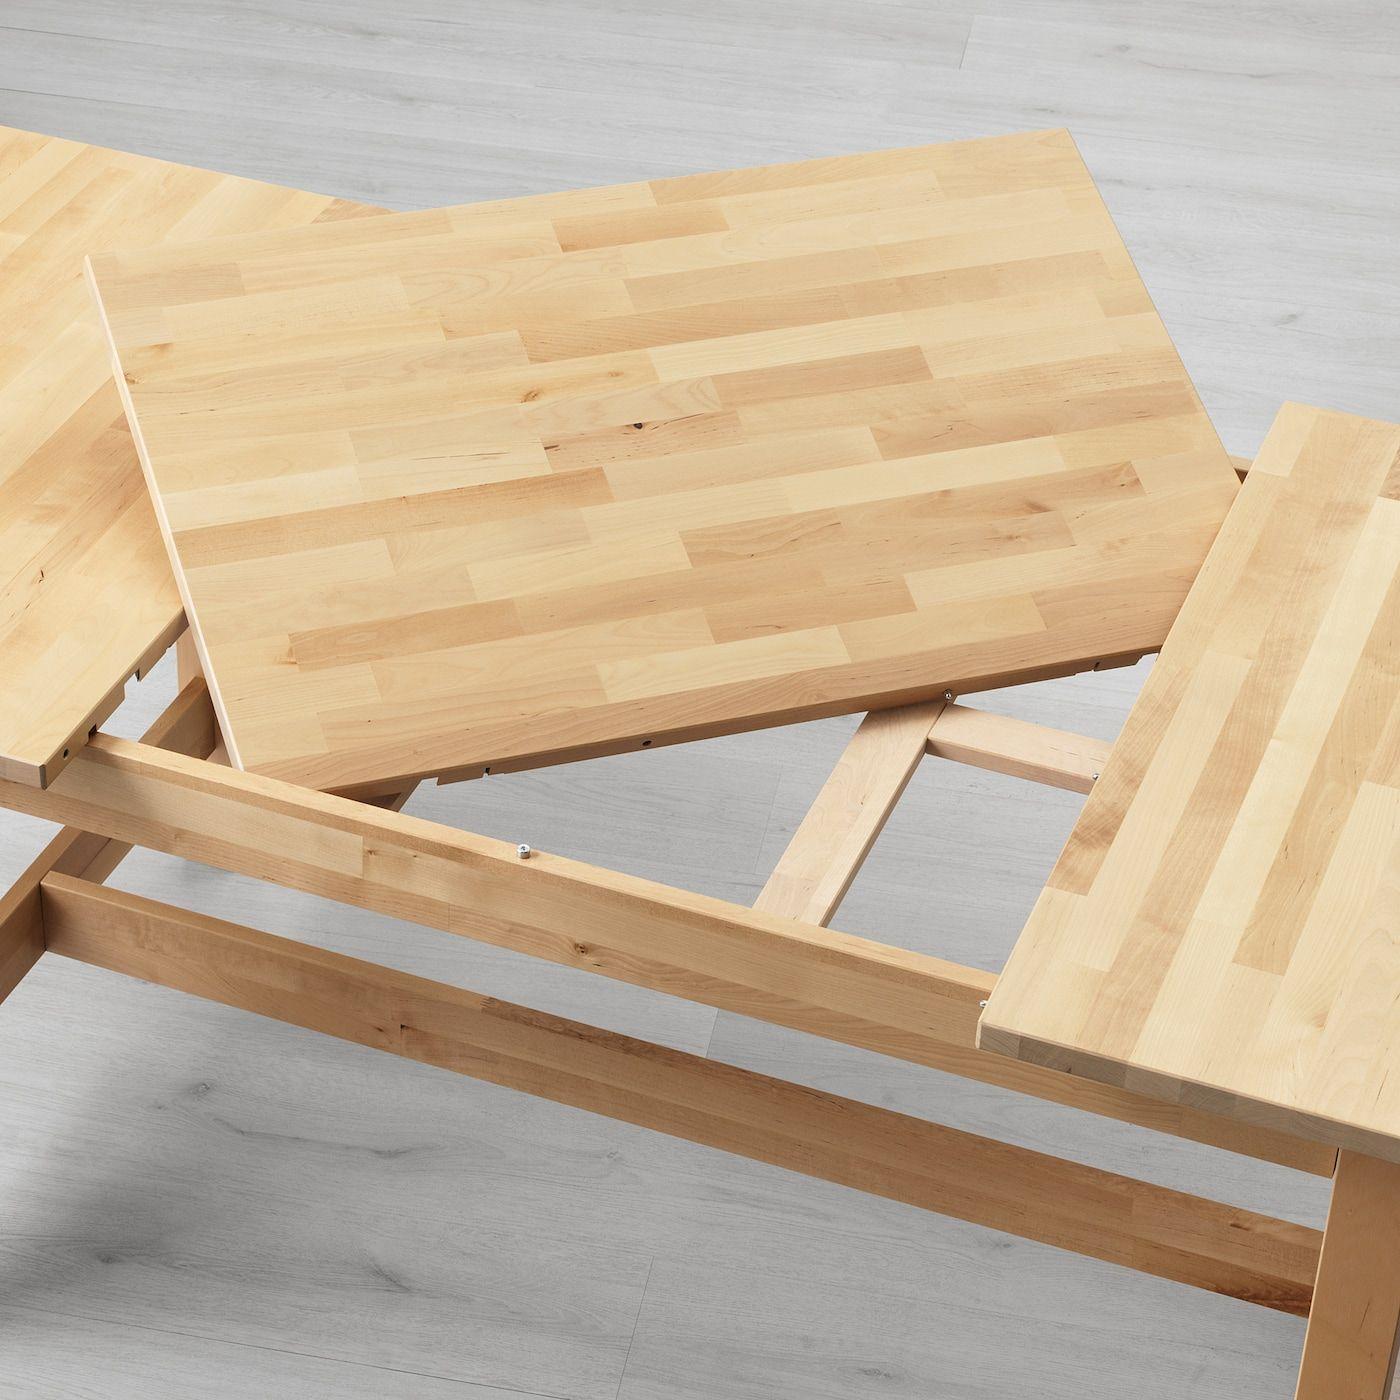 Norden Idolf Tisch Und 4 Stuhle Birke Schwarz Ikea Osterreich In 2020 Ikea Norden Tisch Ausziehtisch Und Ikea Tisch Norden